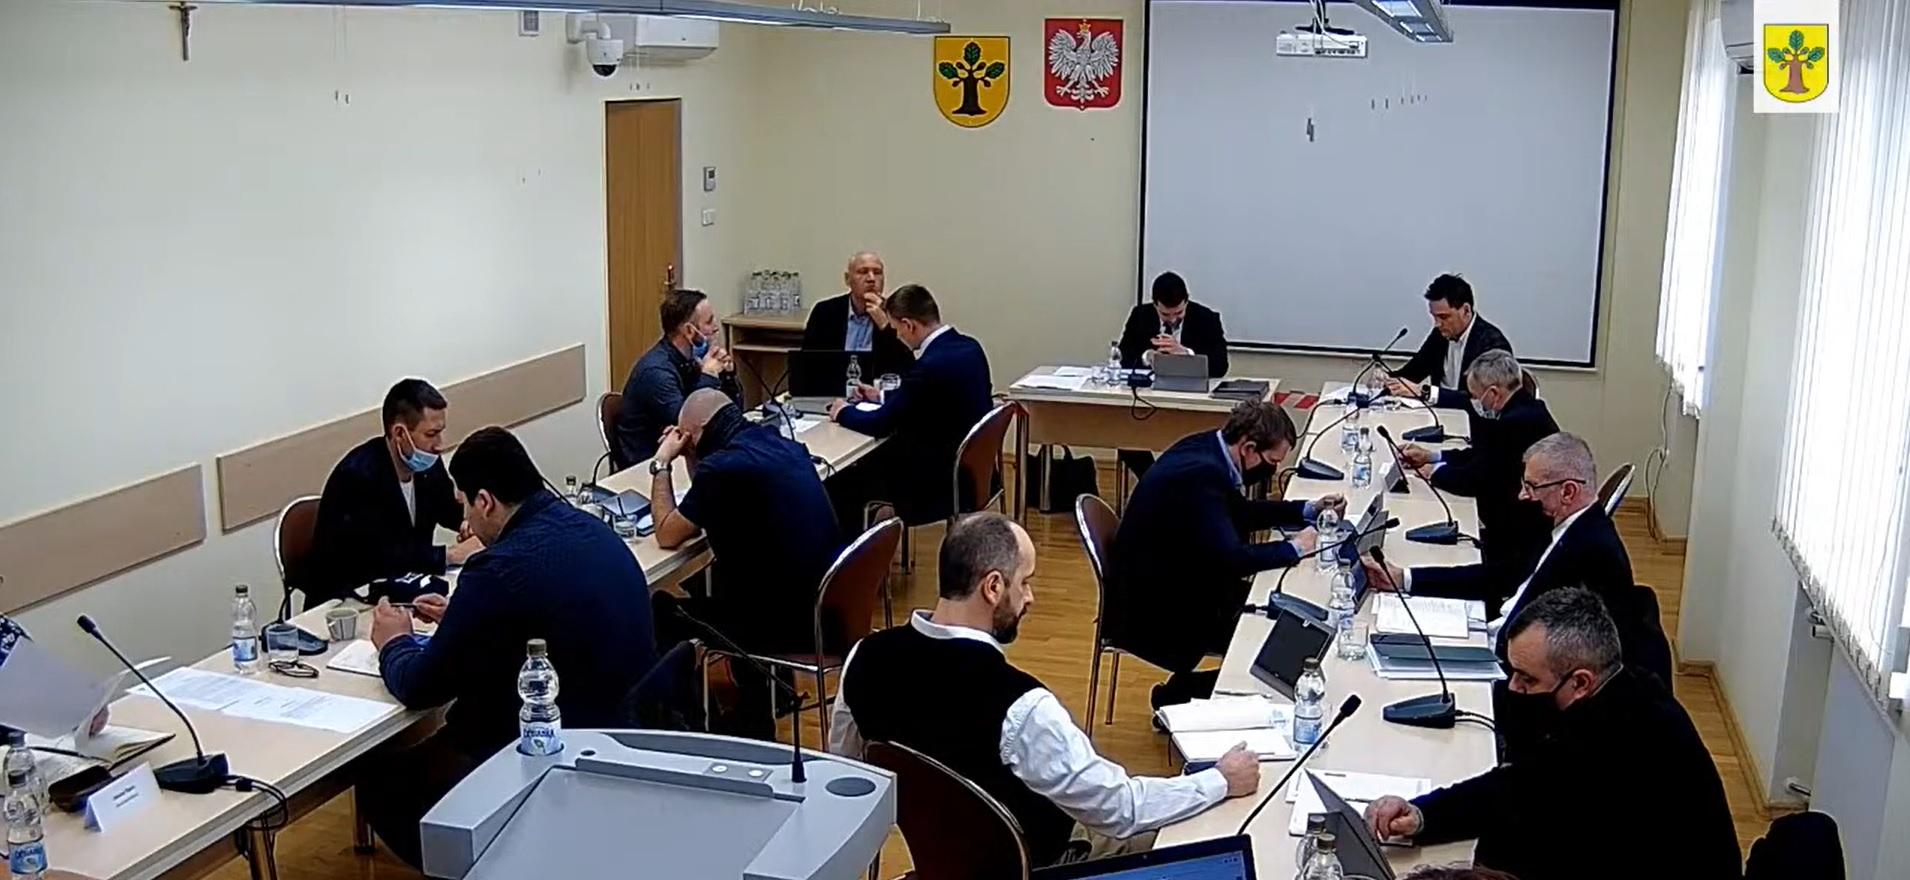 Region: Dieta radnego w wysokości kilkudziesięciu złotych! Szykuje się rewolucja i burzliwa debata - Zdjęcie główne